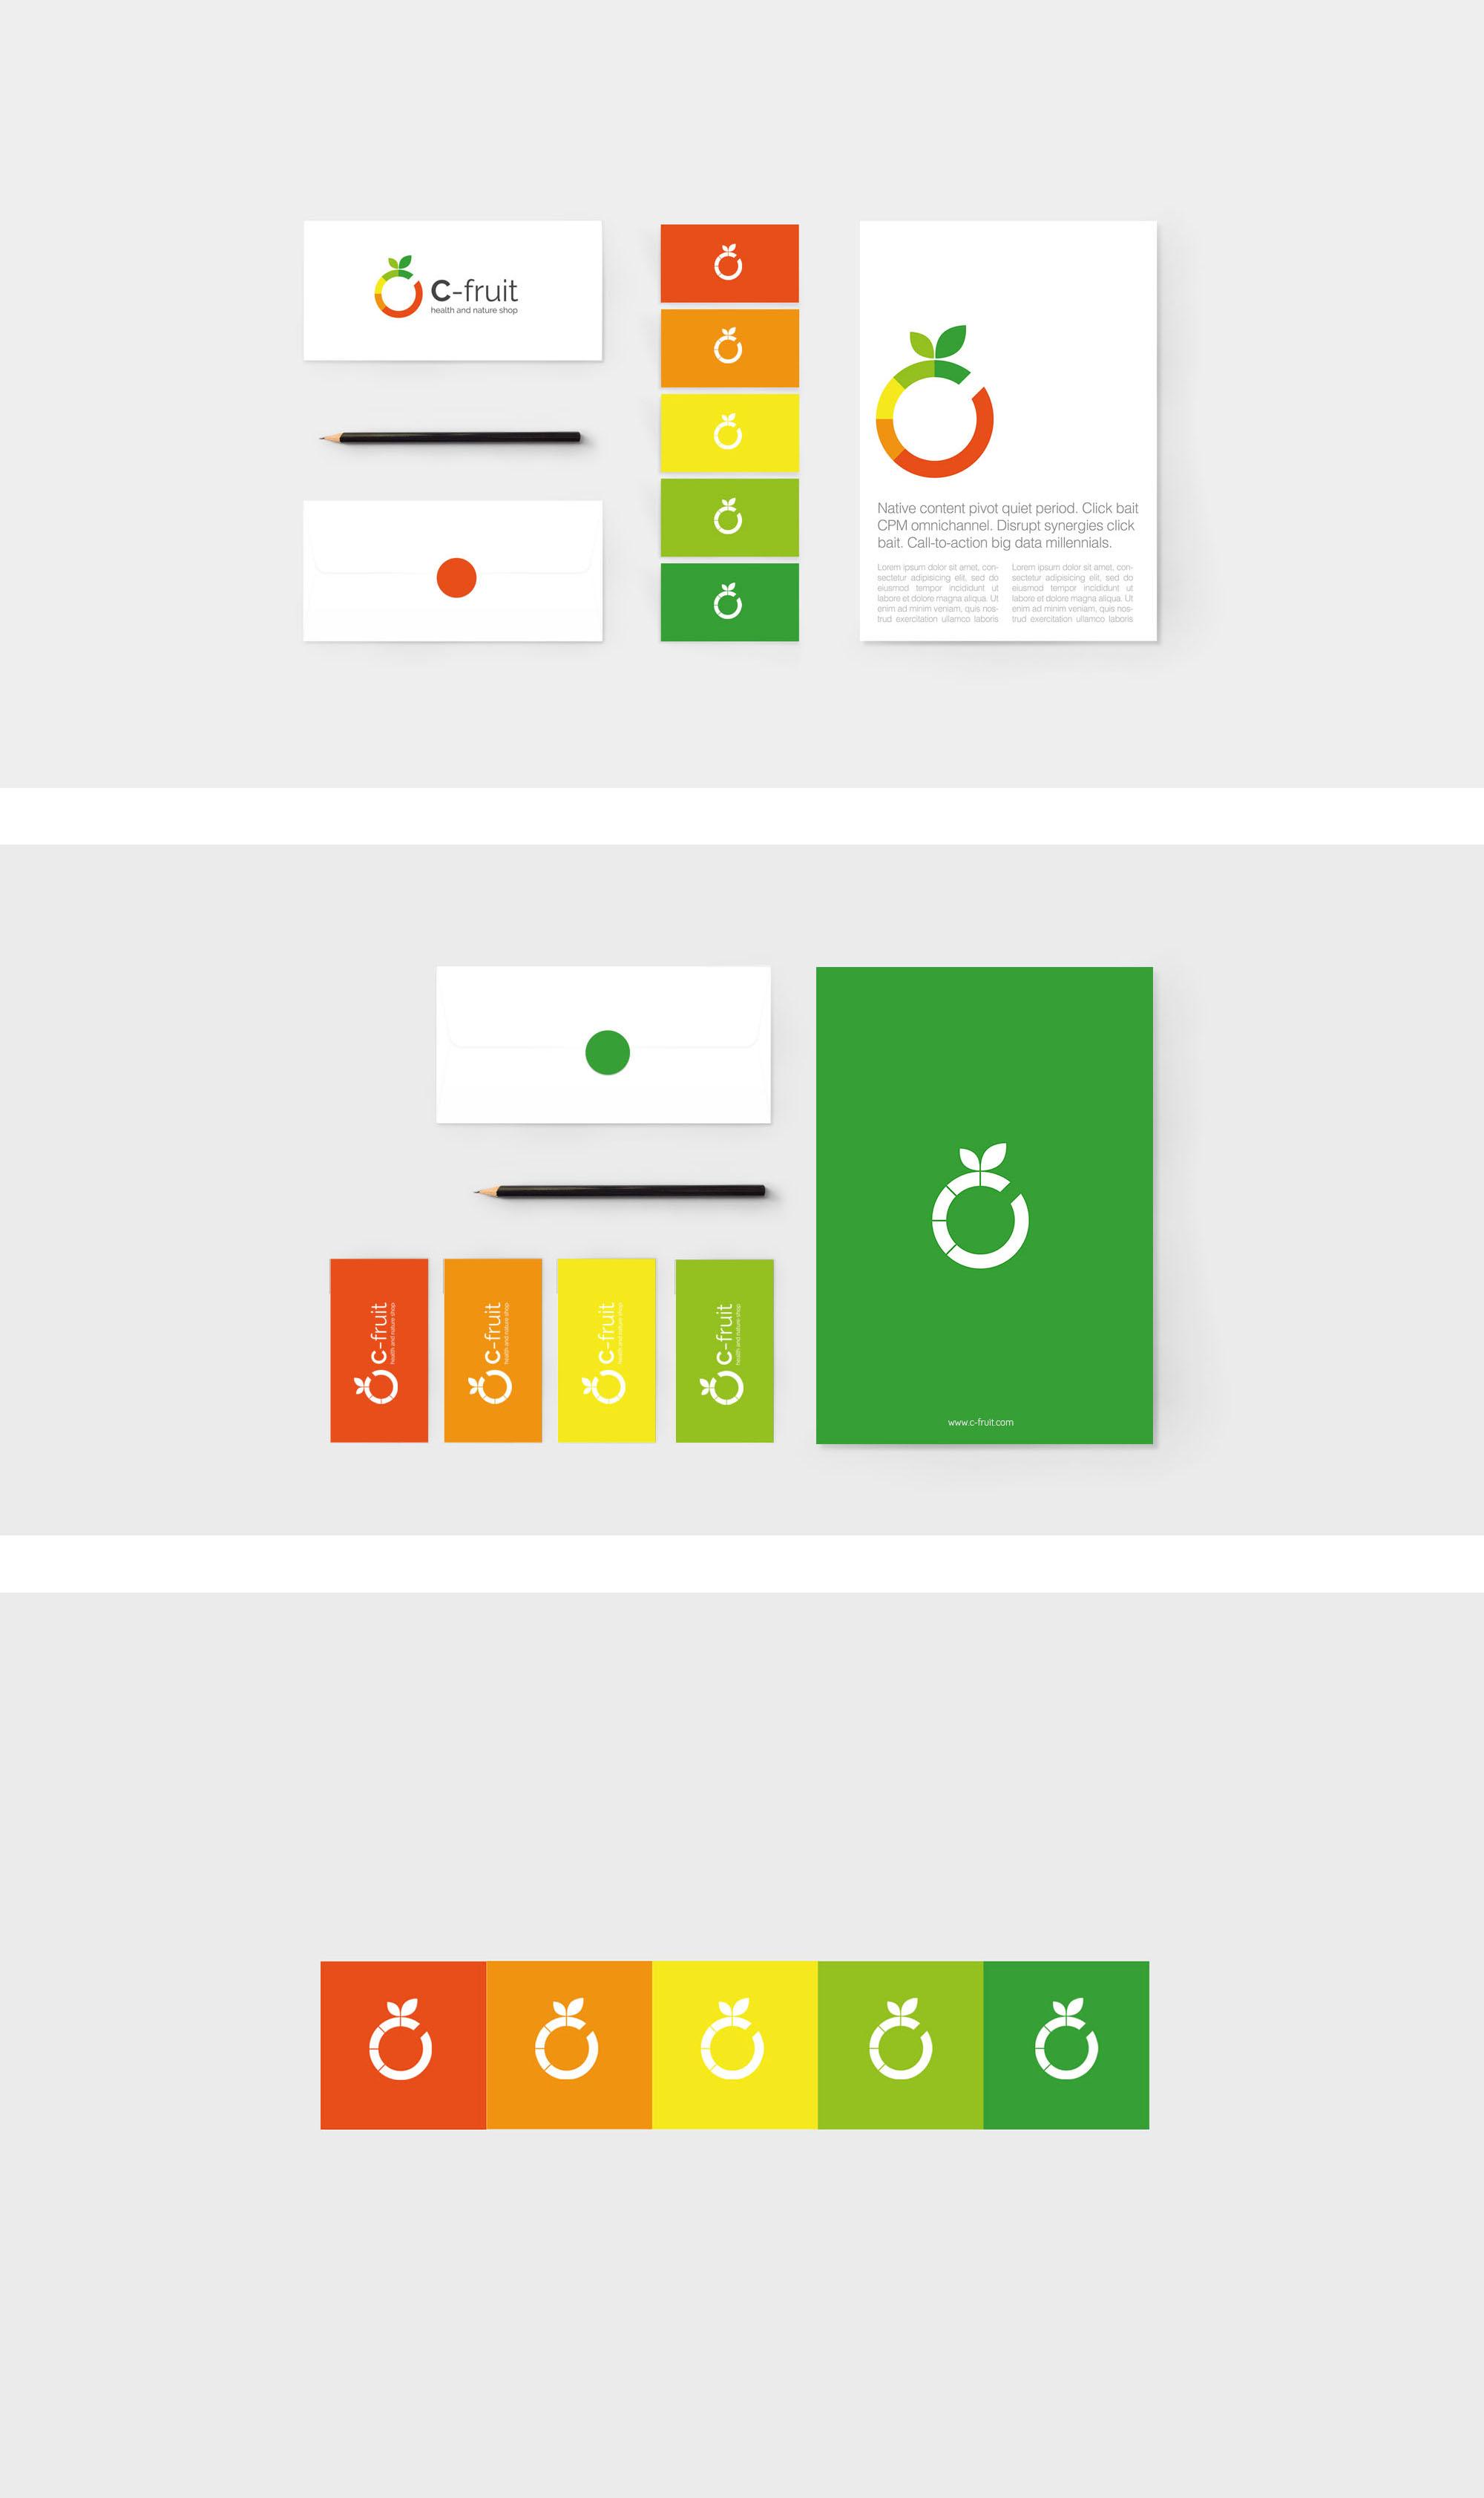 c-fruit-prezentacja-logo